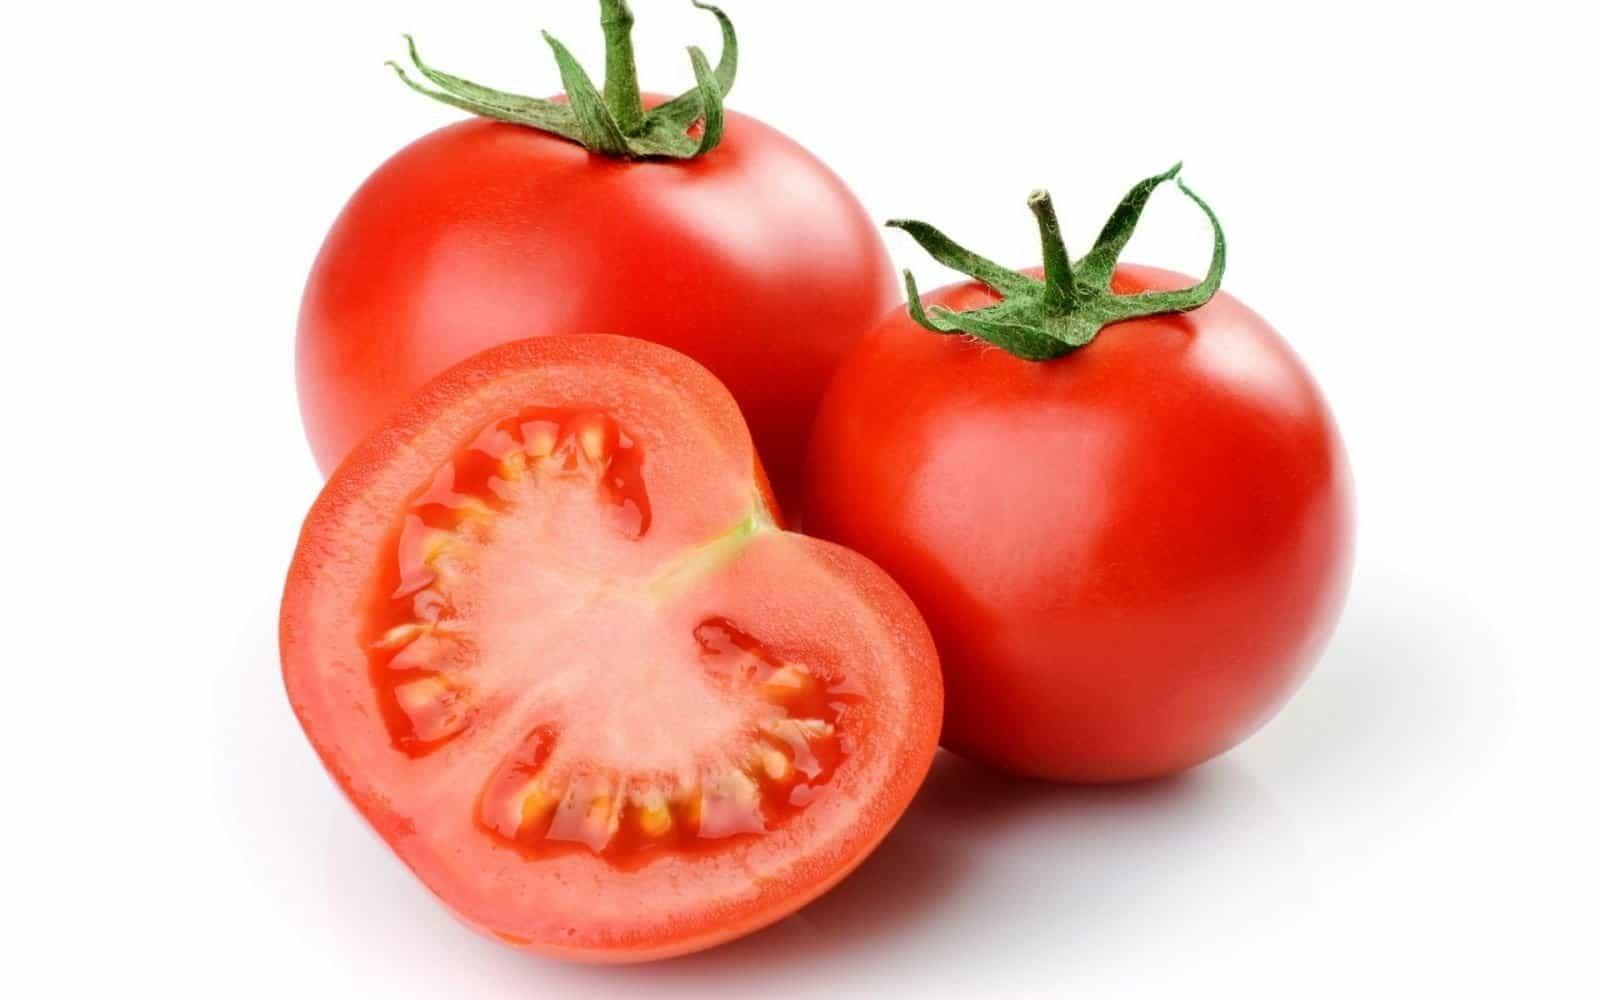 Cà chua có tác dụng gì? Cà chua bao nhiêu calo?